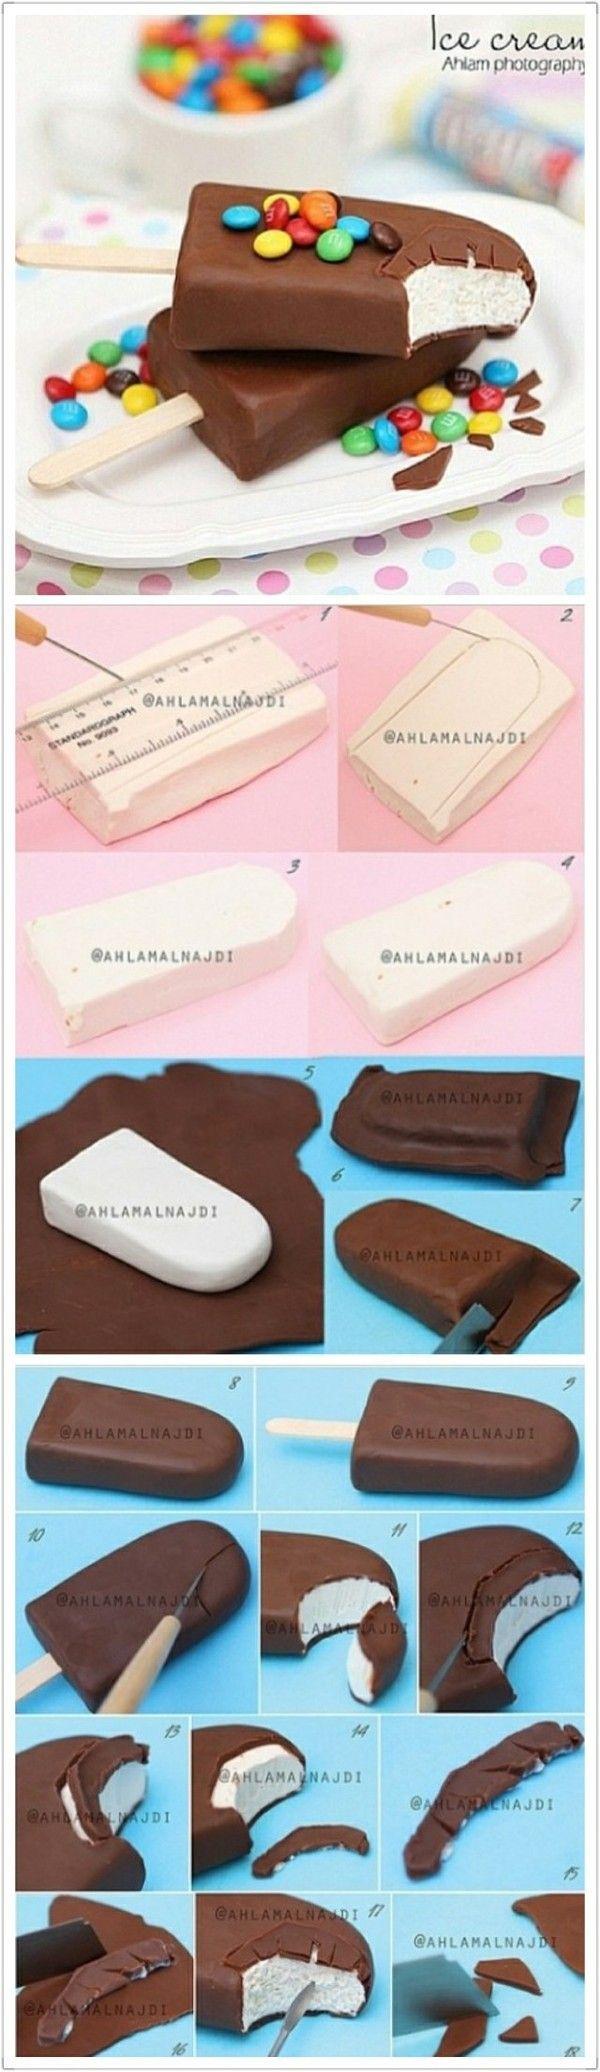 Clay Tutorials Fimo, Cernit et accessoires : http://www.creactivites.com/236-pate-polymere: